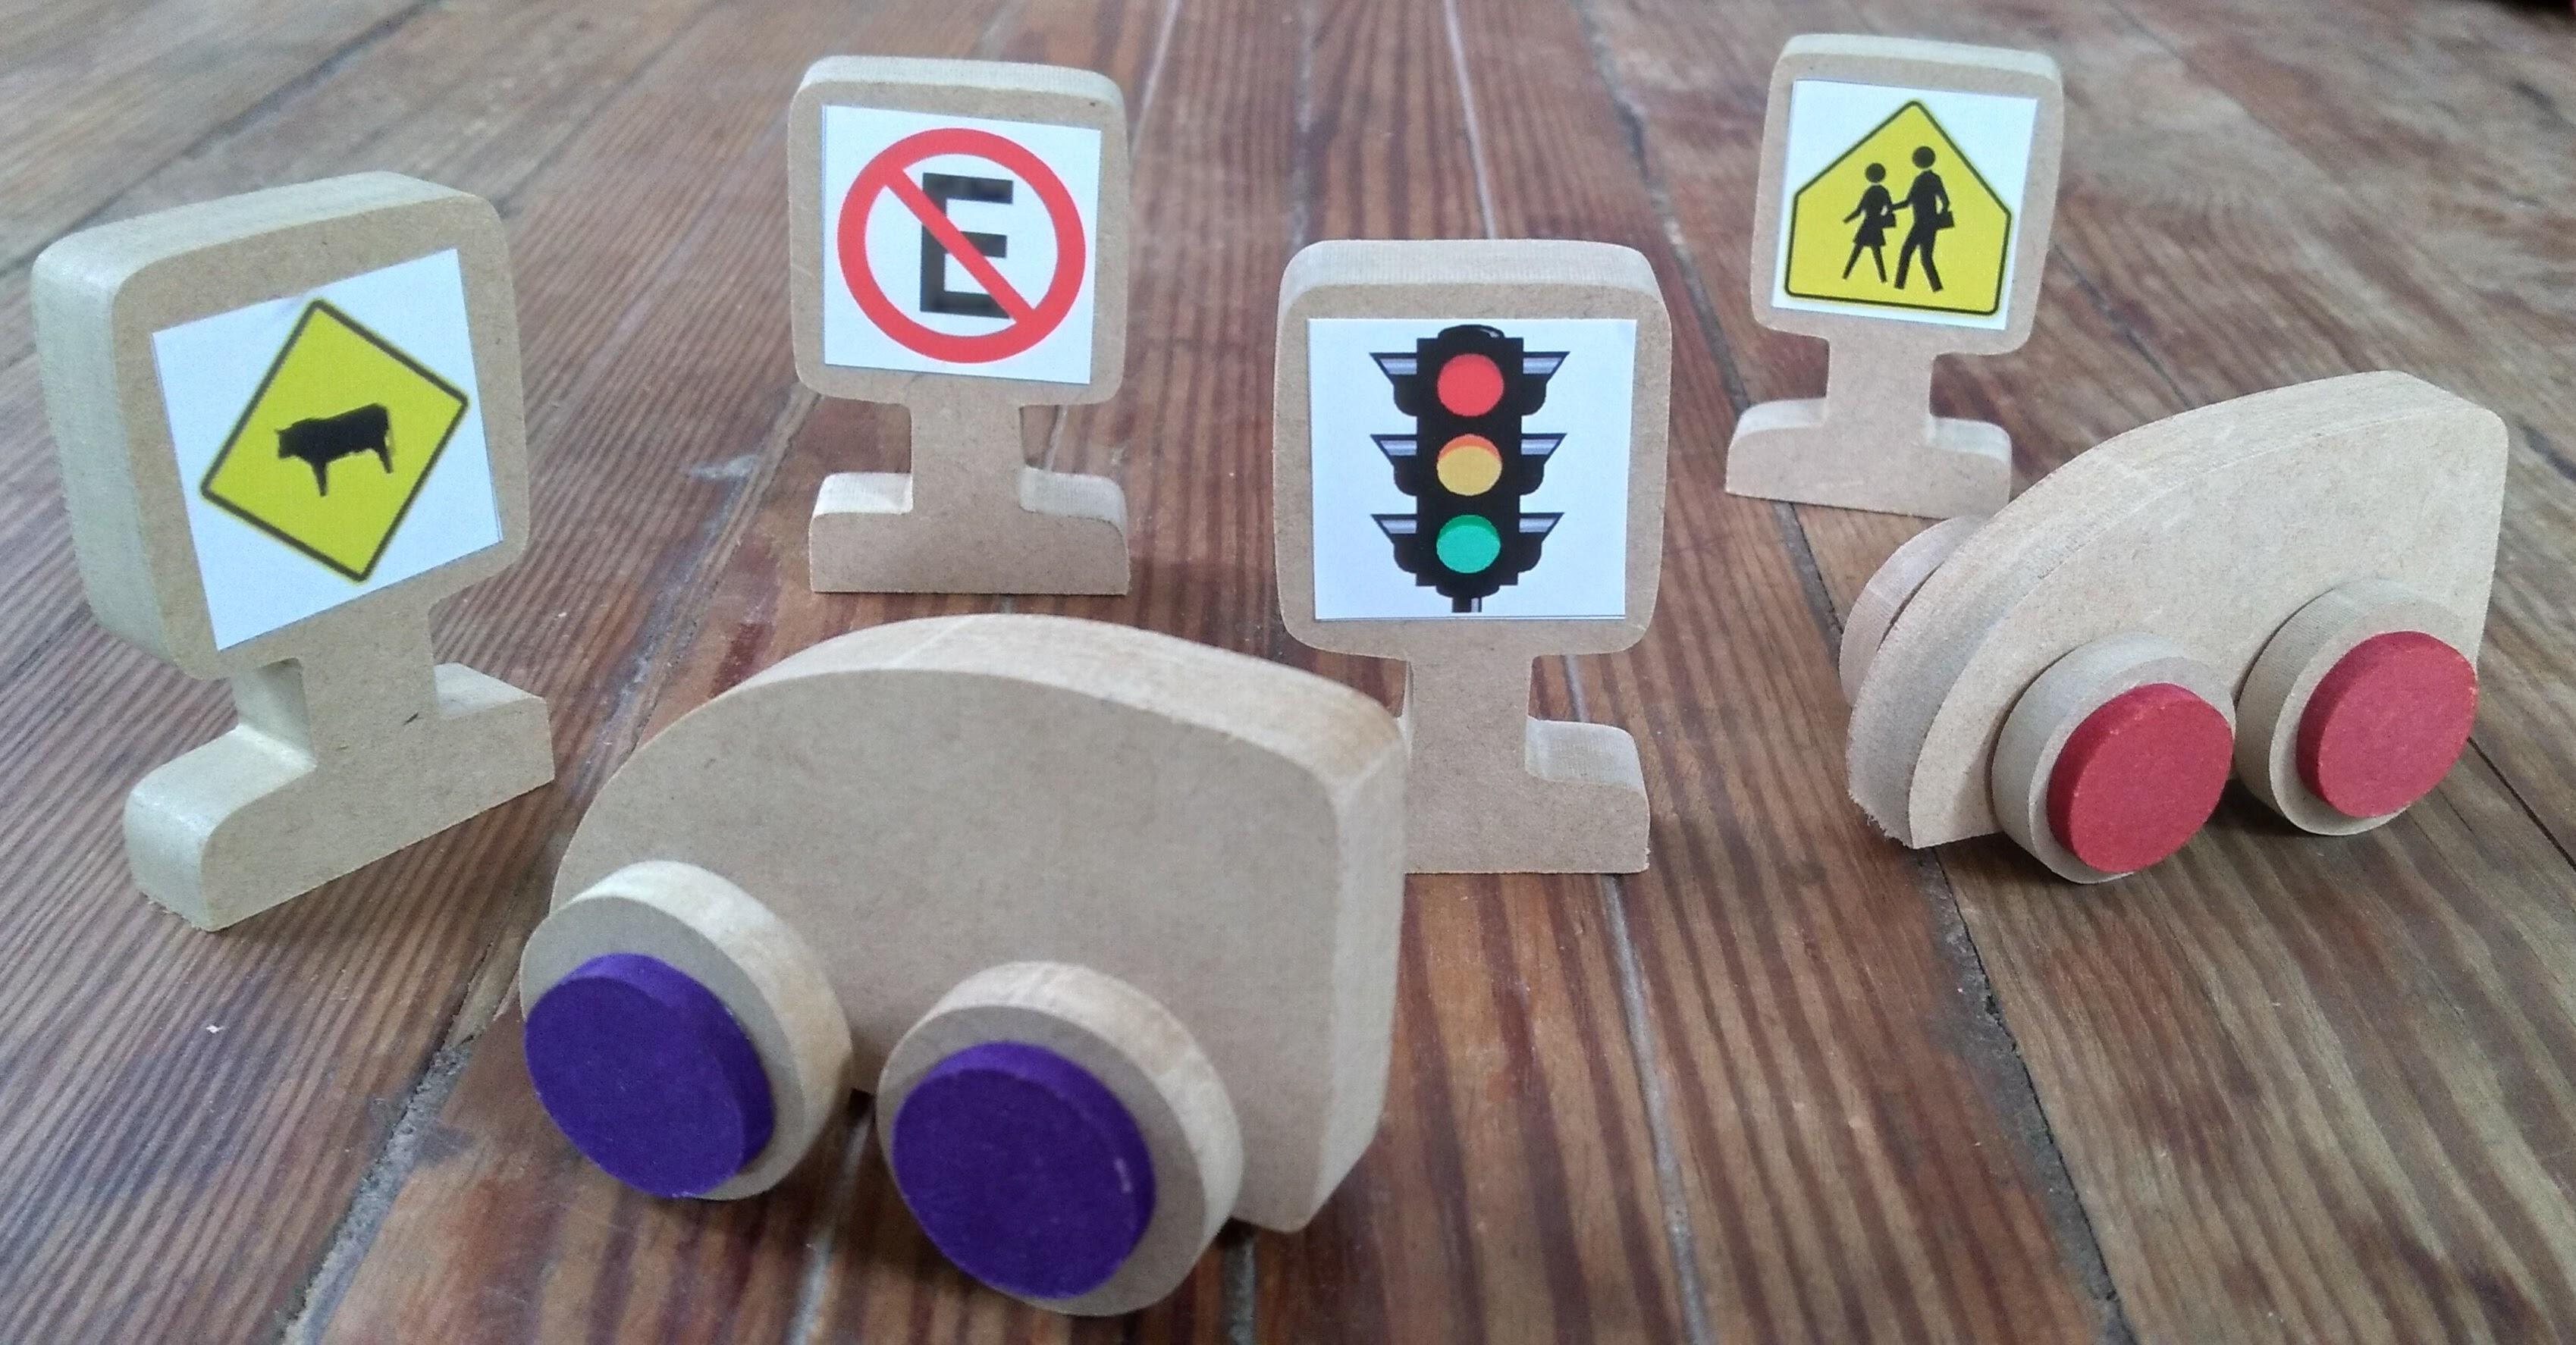 Autitos y señales de tránsito